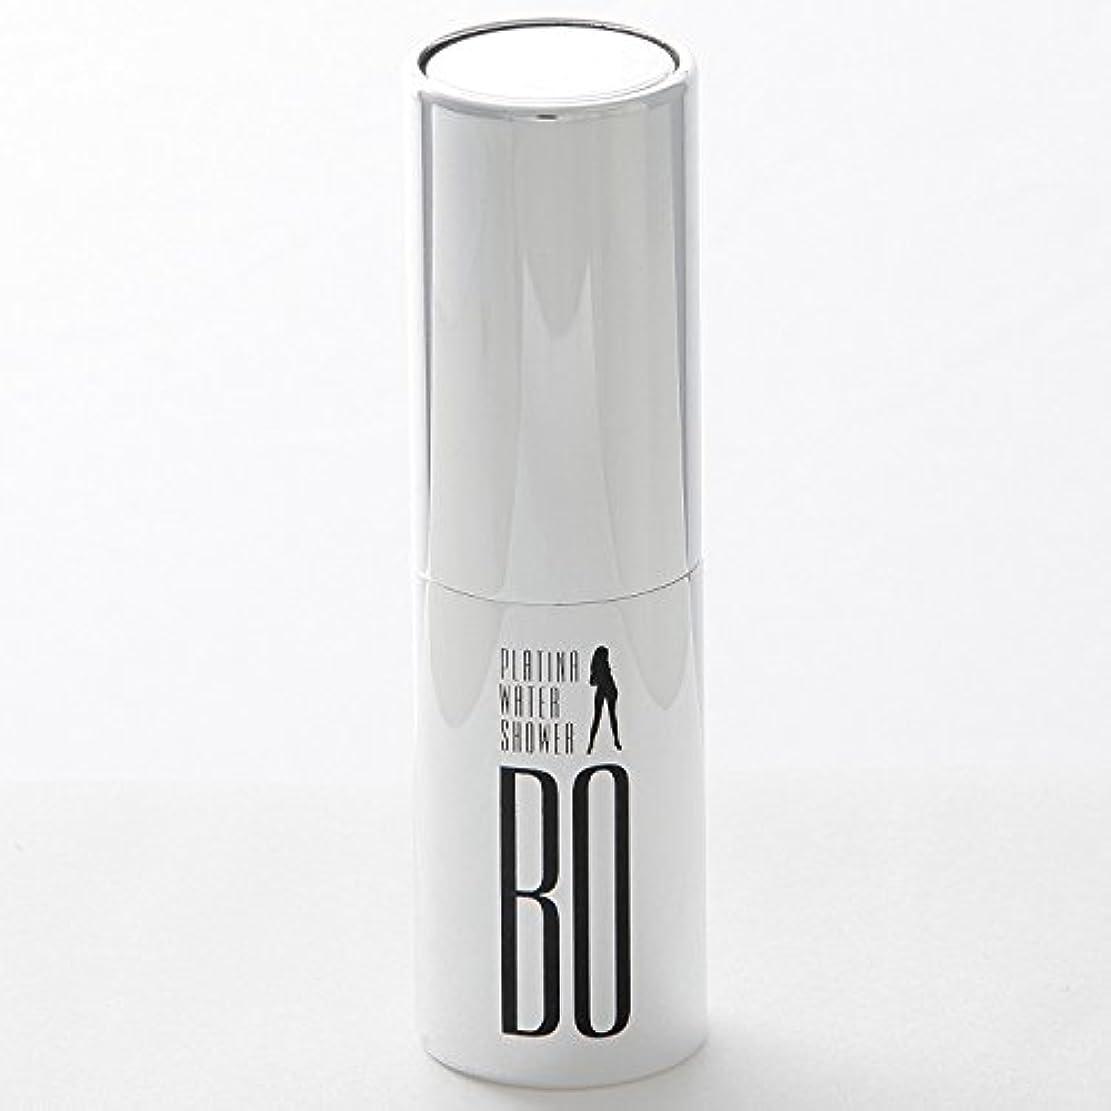 サーバ花瓶飲料BO PLATINA WATER SHOWER 20ml ナノプラチナ 消臭 除菌99.9% ニオイ戻りゼロ ヘアートリートメント